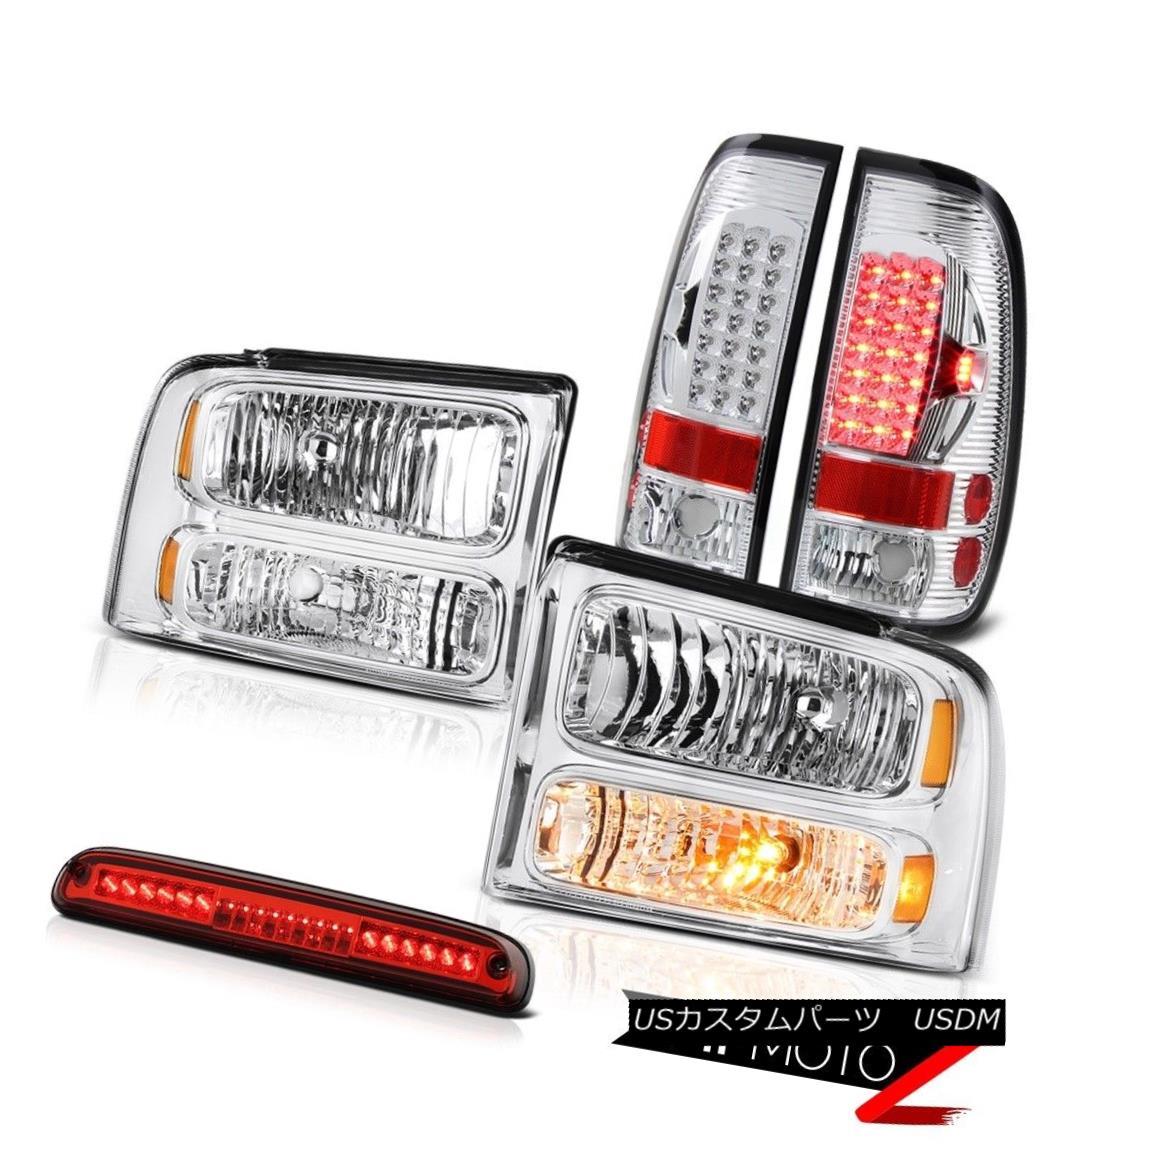 テールライト 05 06 07 F250 F350 Crystal Headlamps Brake Lamps Taillights High Stop LED Red 05 06 07 F250 F350クリスタルヘッドランプブレーキランプテールライトハイストップLEDレッド